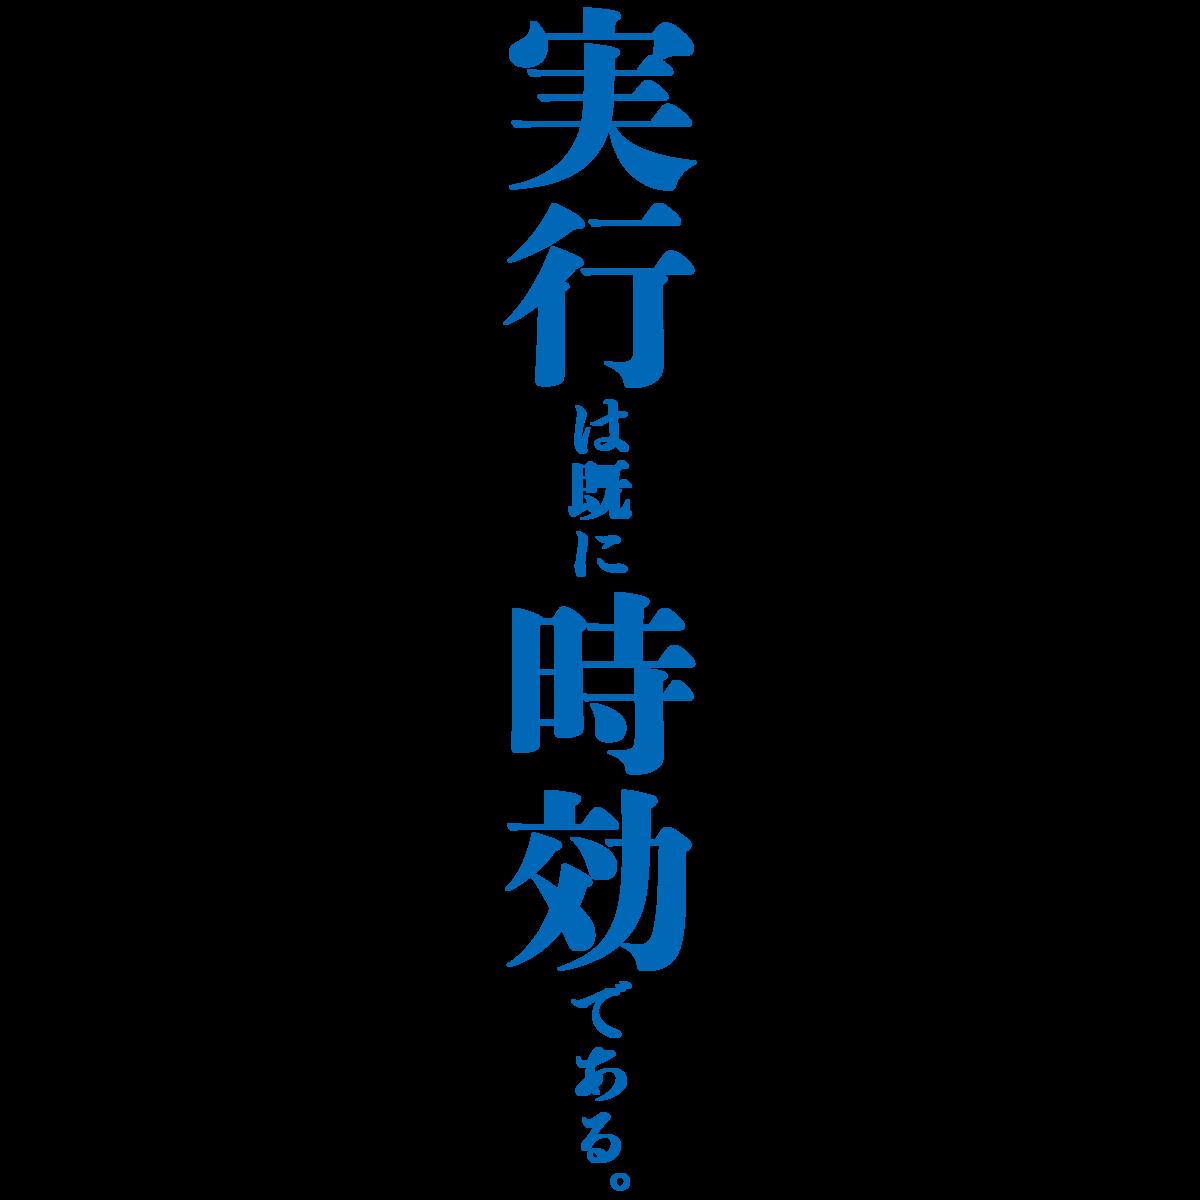 f:id:mojiru:20190527174140p:plain